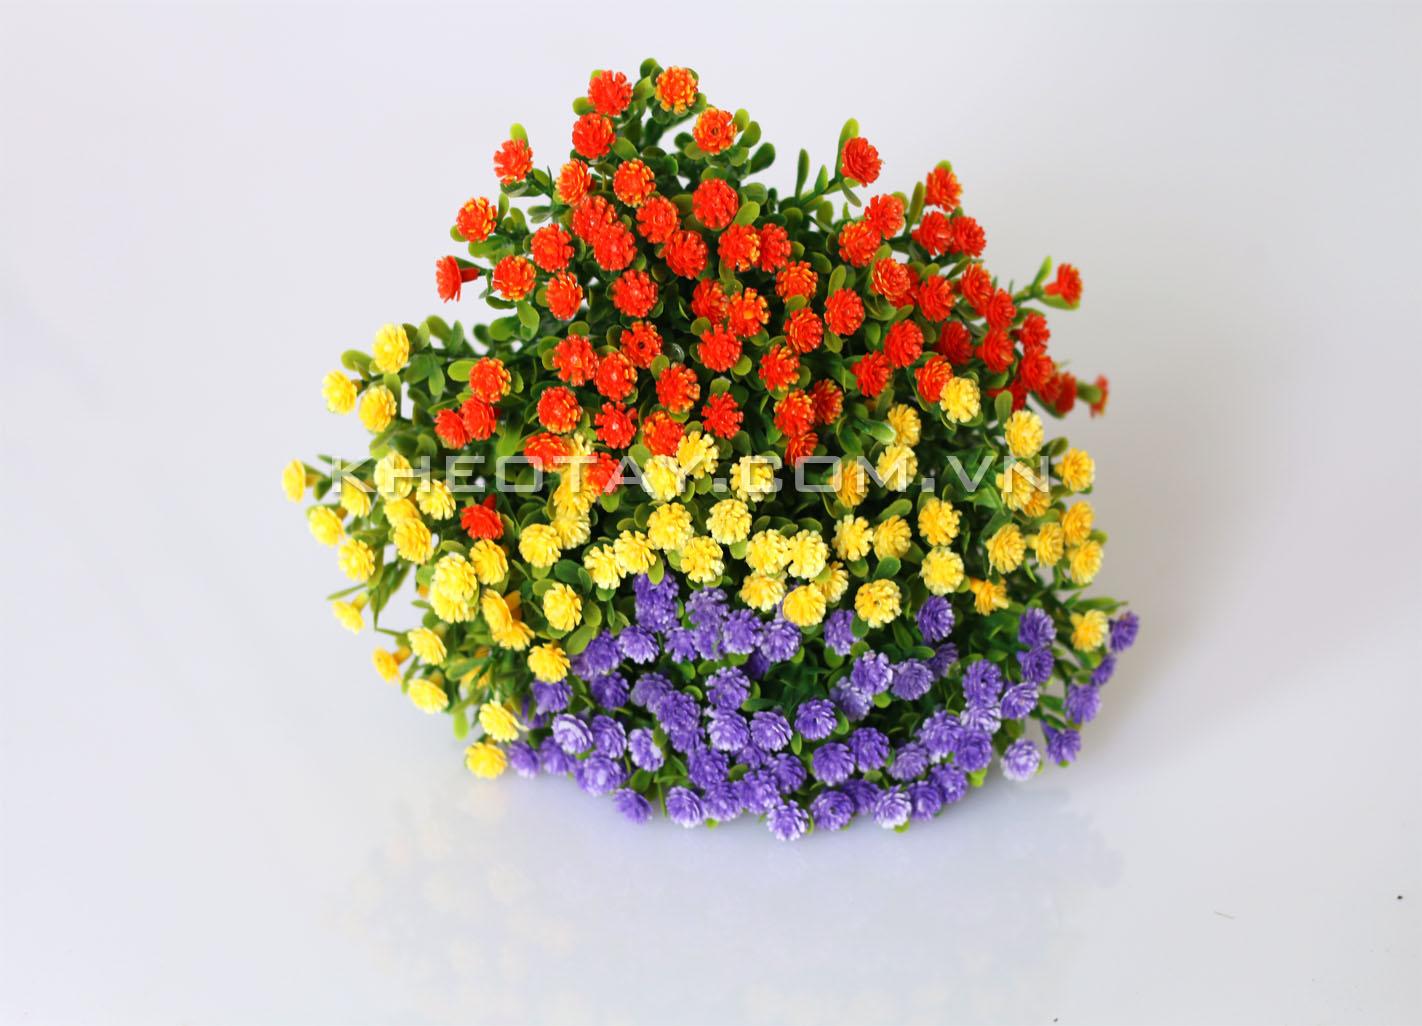 Mẫu hoa lá trang trí mô hình